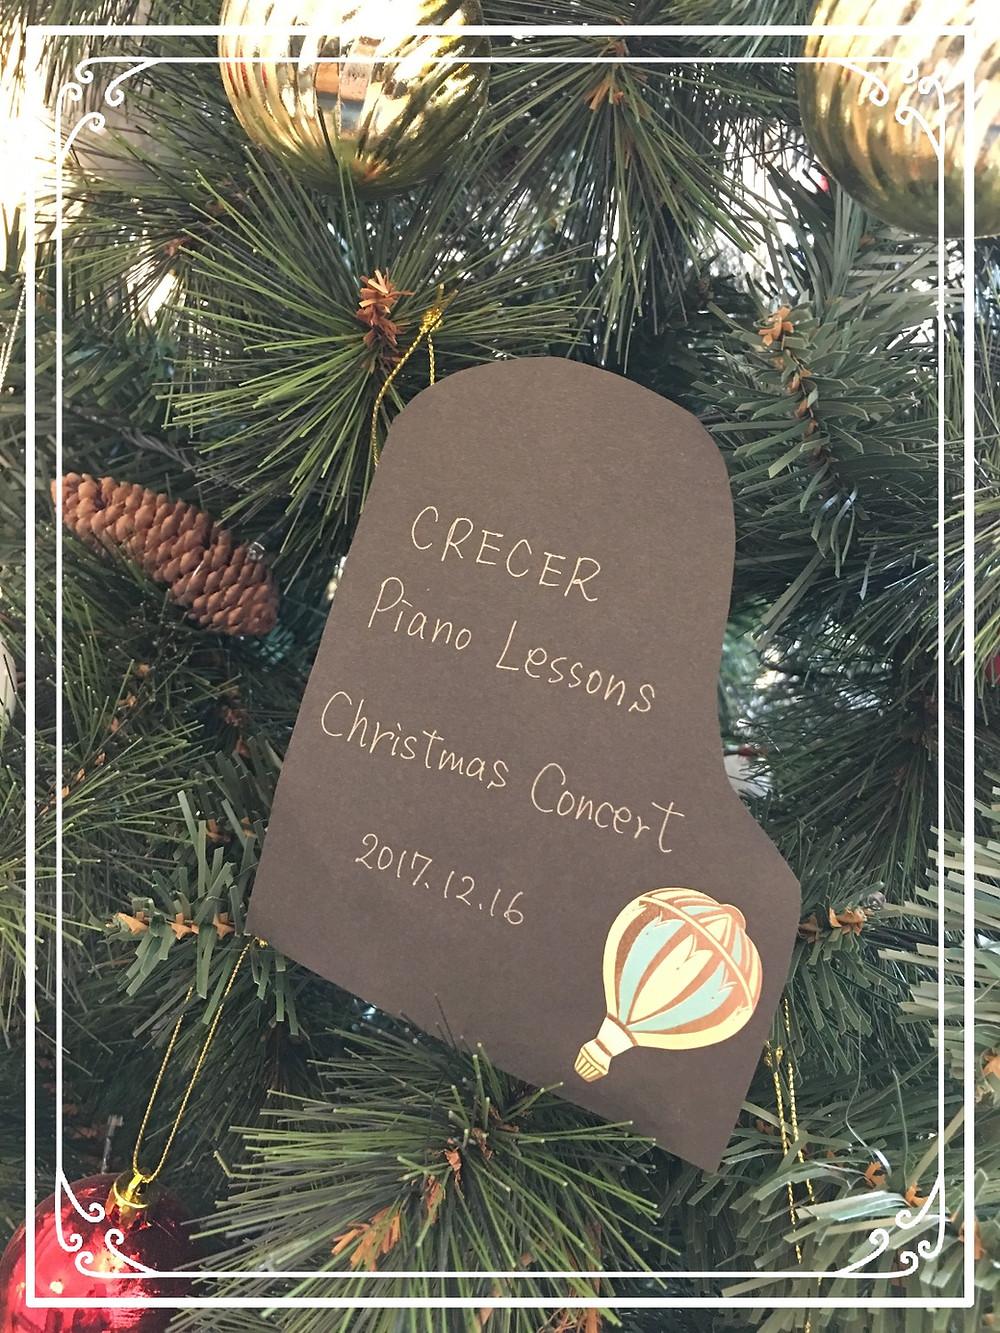 CRECERピアノ教室クリスマス会